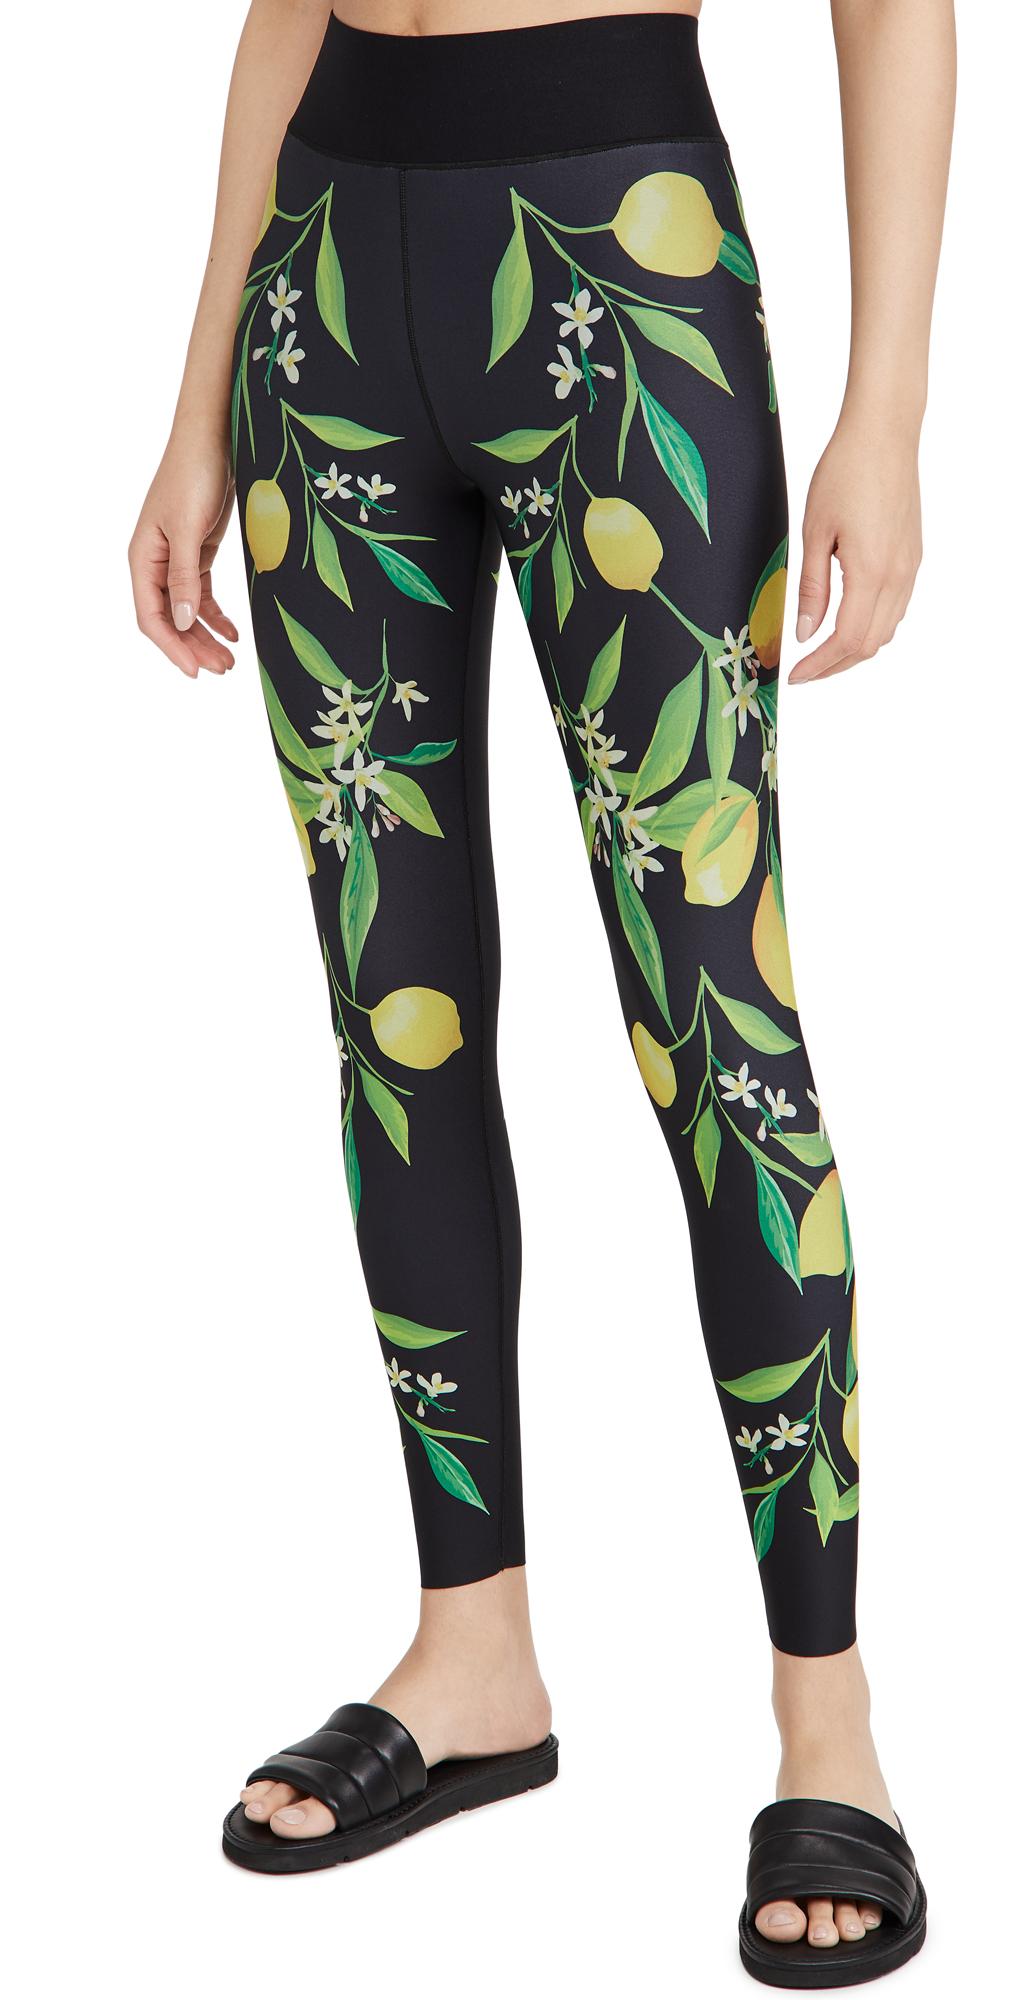 Ultracor Lemon Bloom Ultra High Leggings